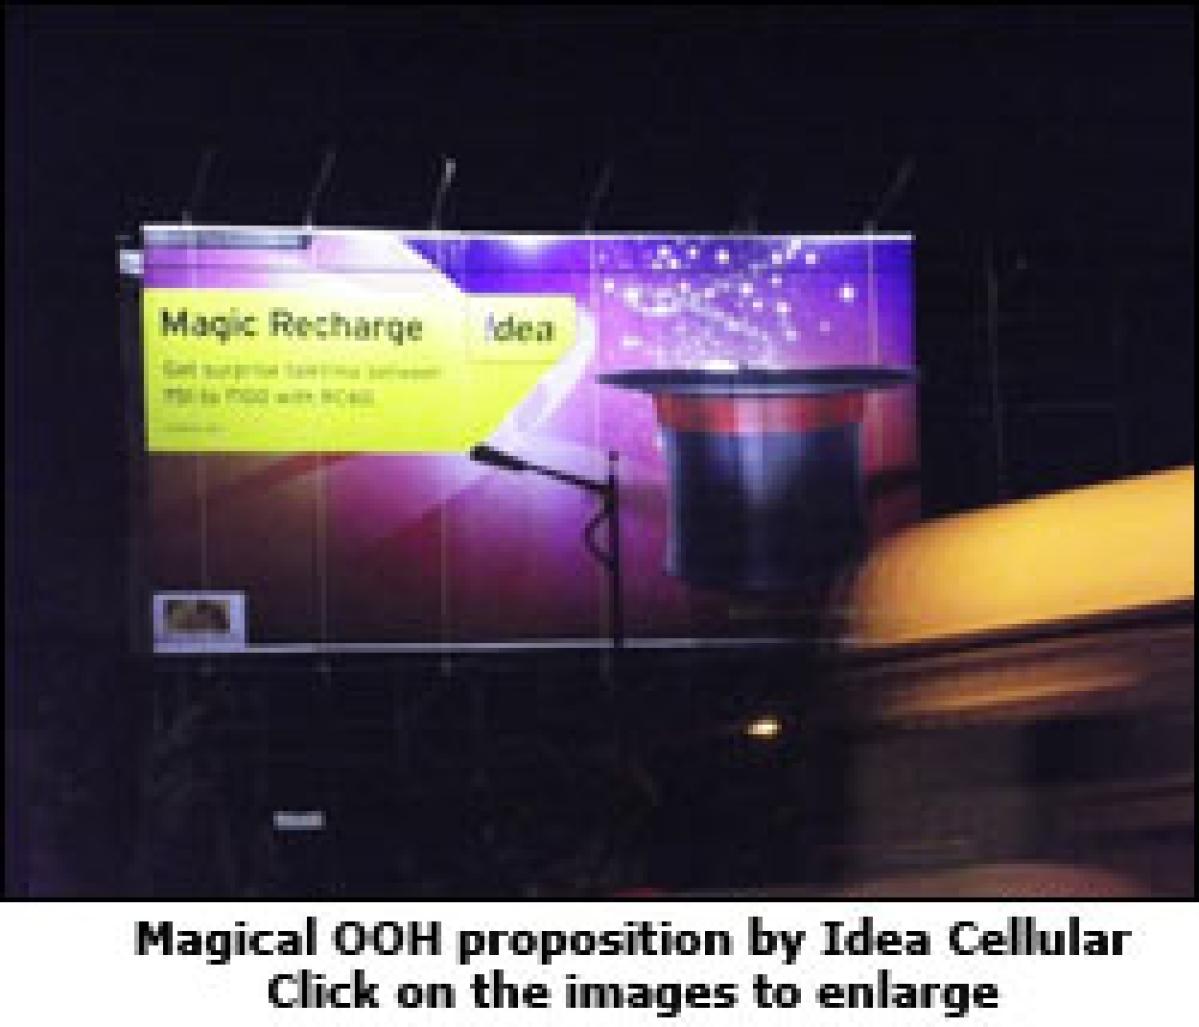 Idea's Magic Hat brings out unique offer